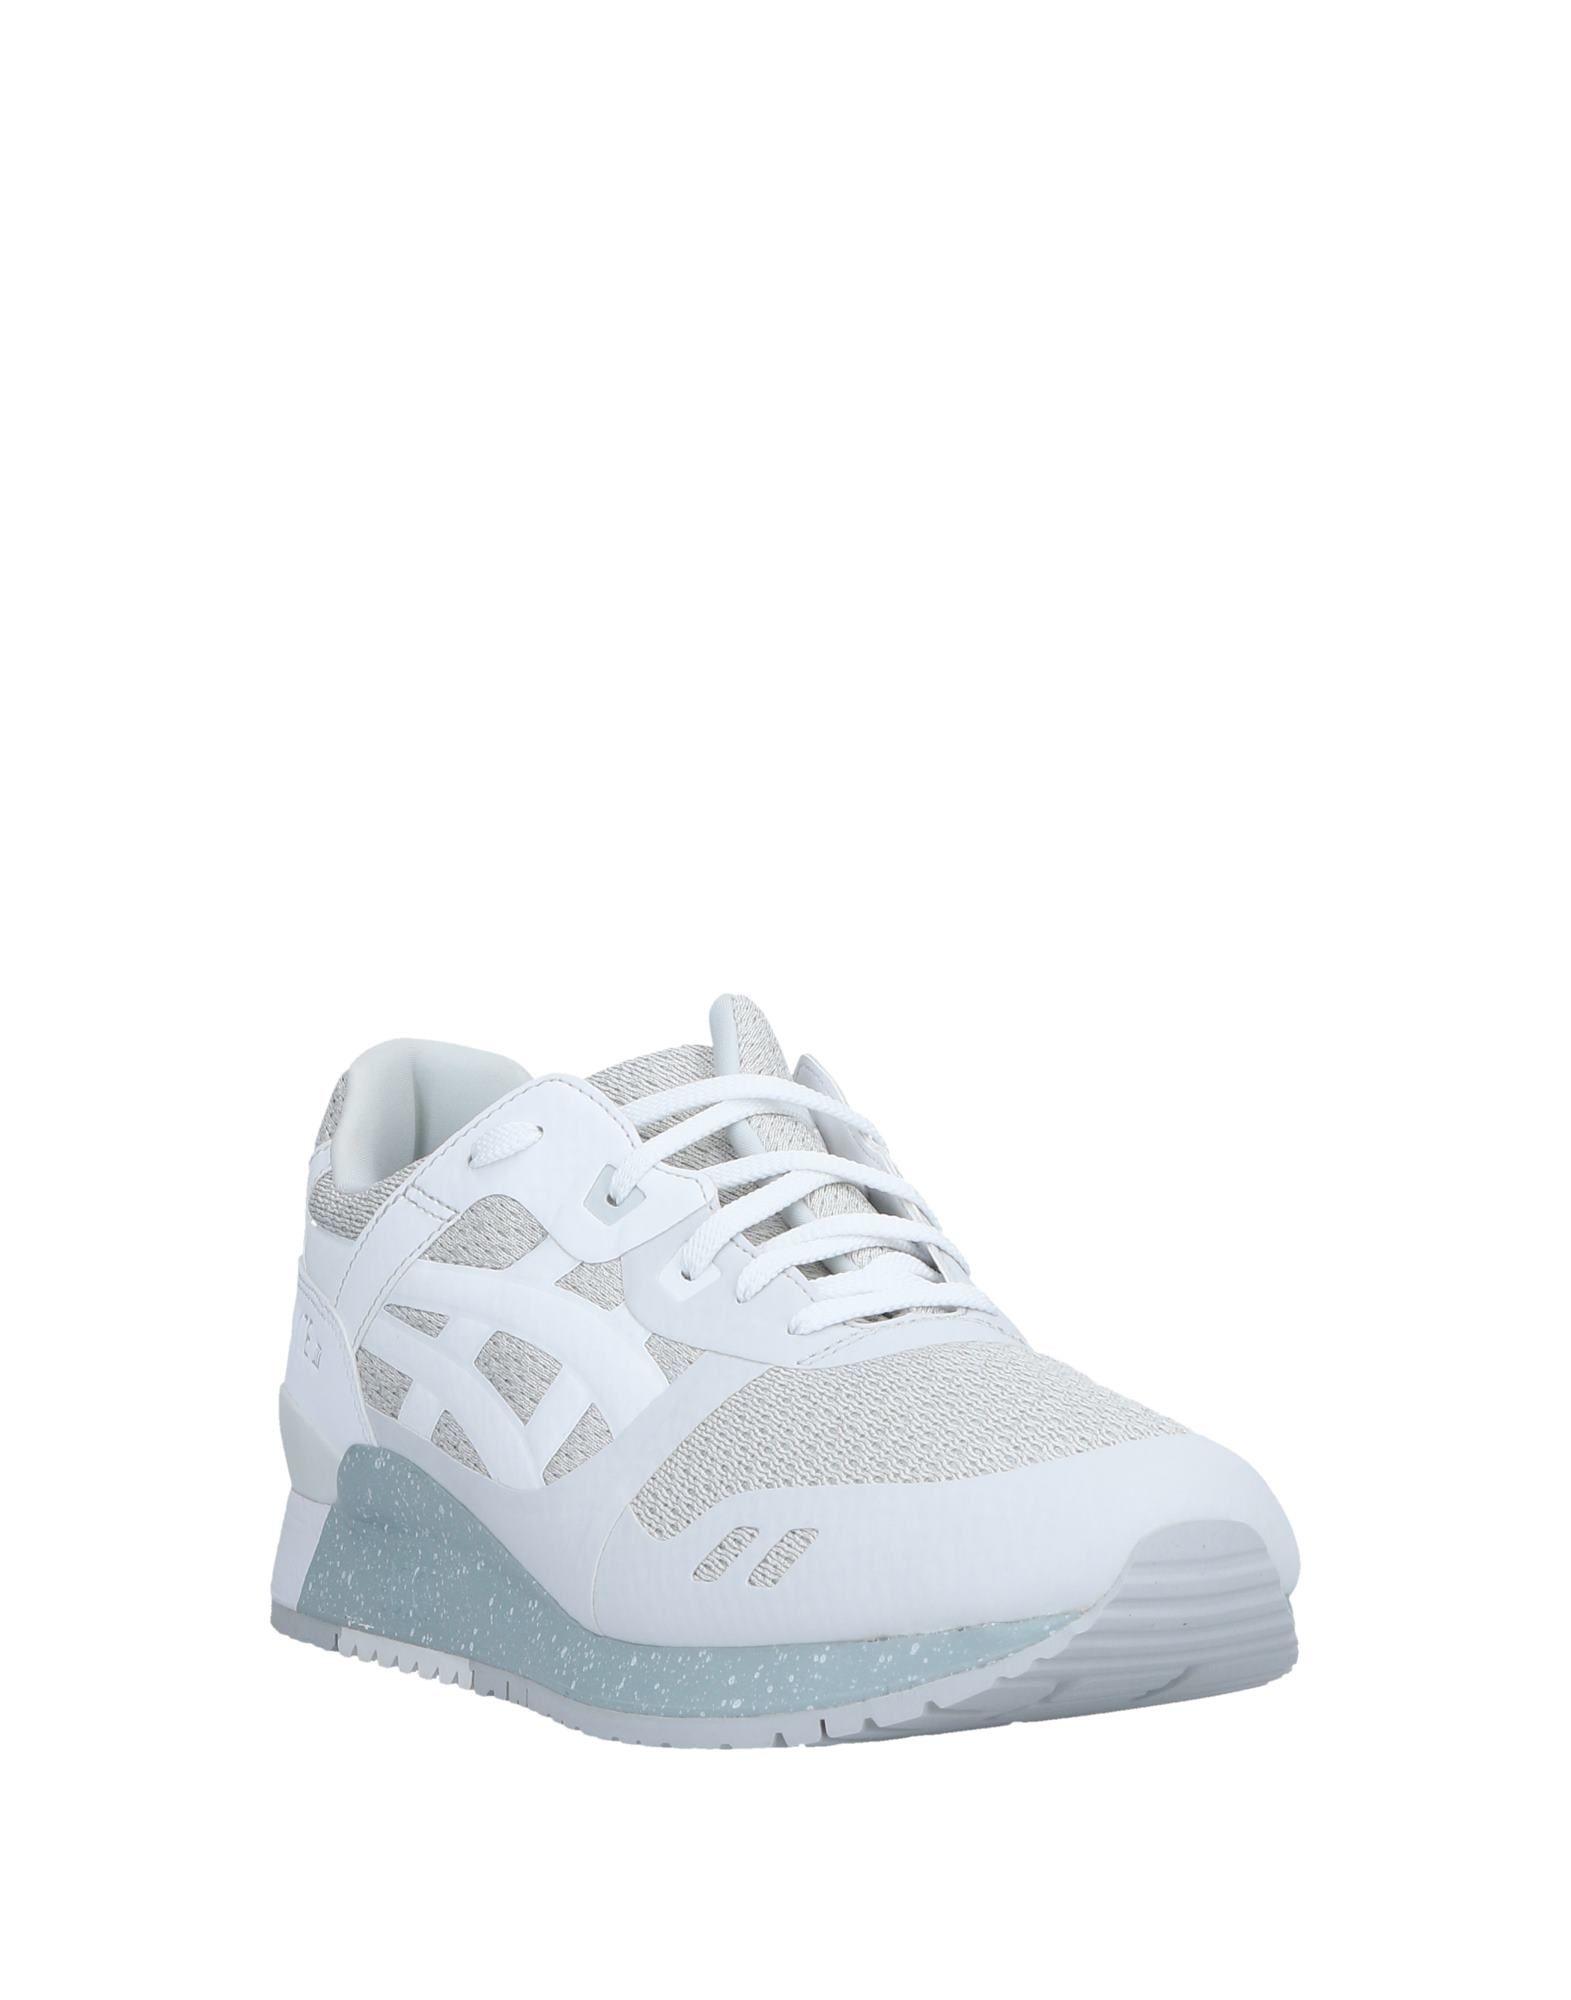 Rabatt echte Herren Schuhe Asics Tiger Sneakers Herren echte  11535670NP 734162